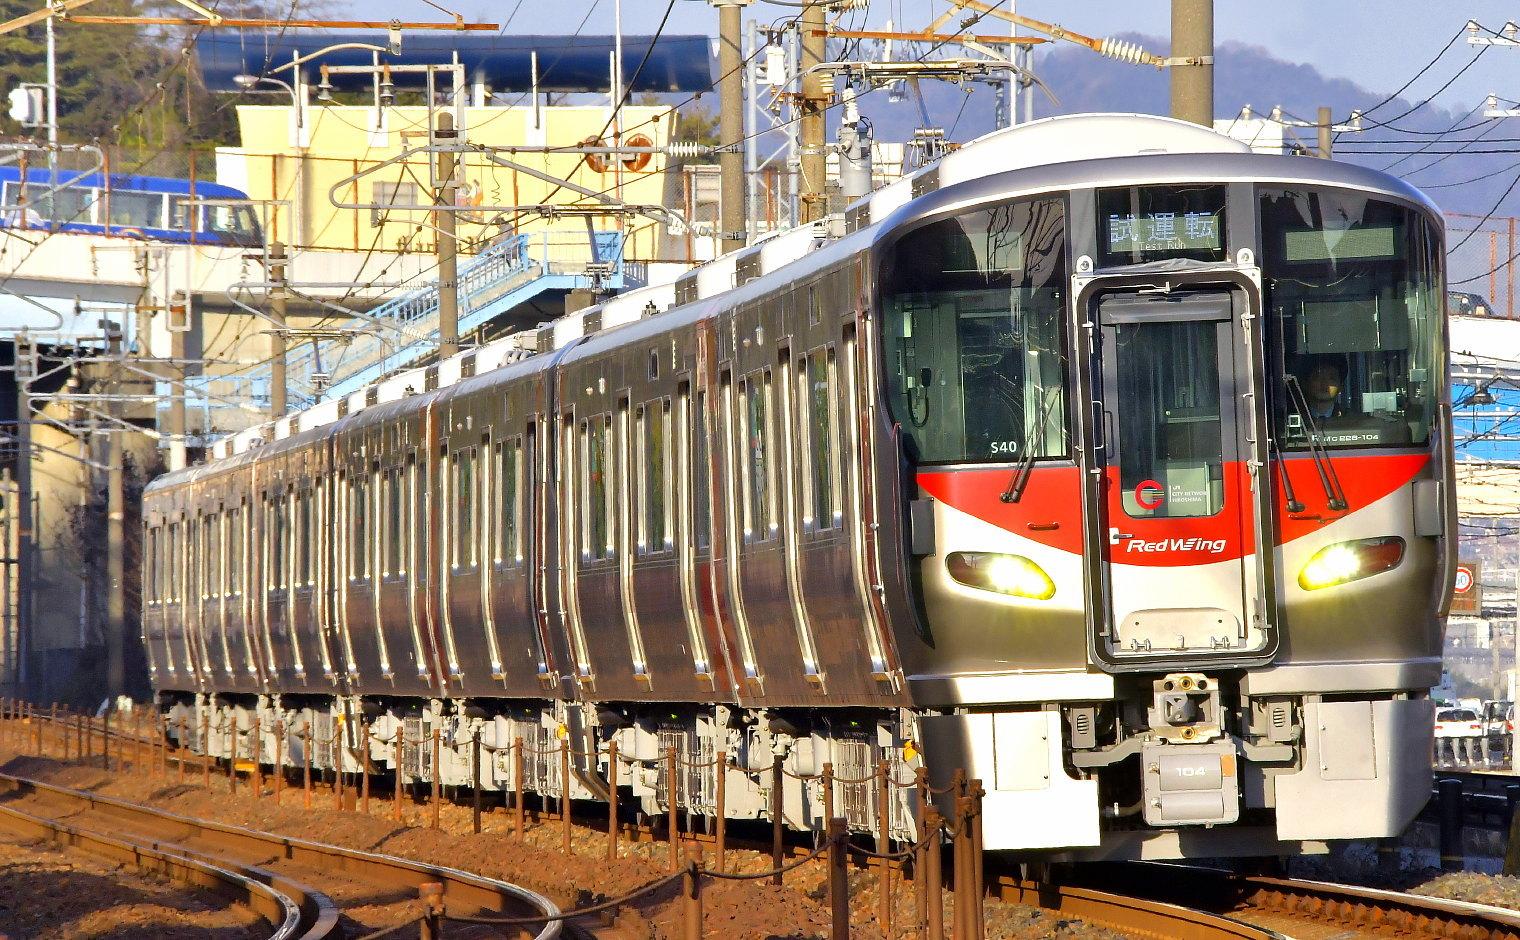 広島 227系S40・S39・A61編成R線試運転_a0251146_21030685.jpg